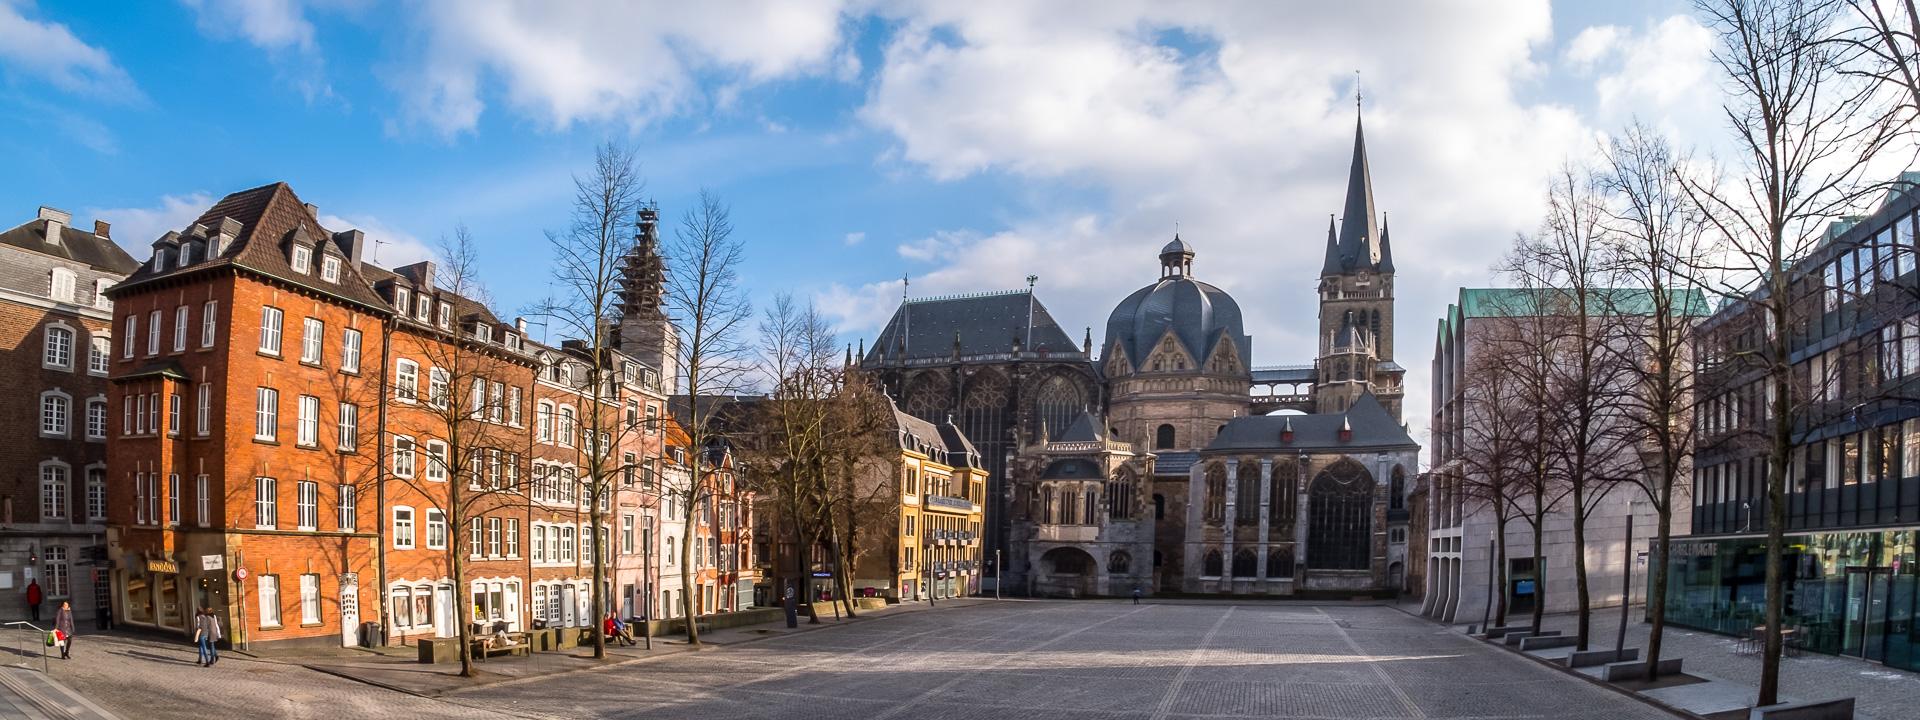 Aachen, Technologie und Wachstum